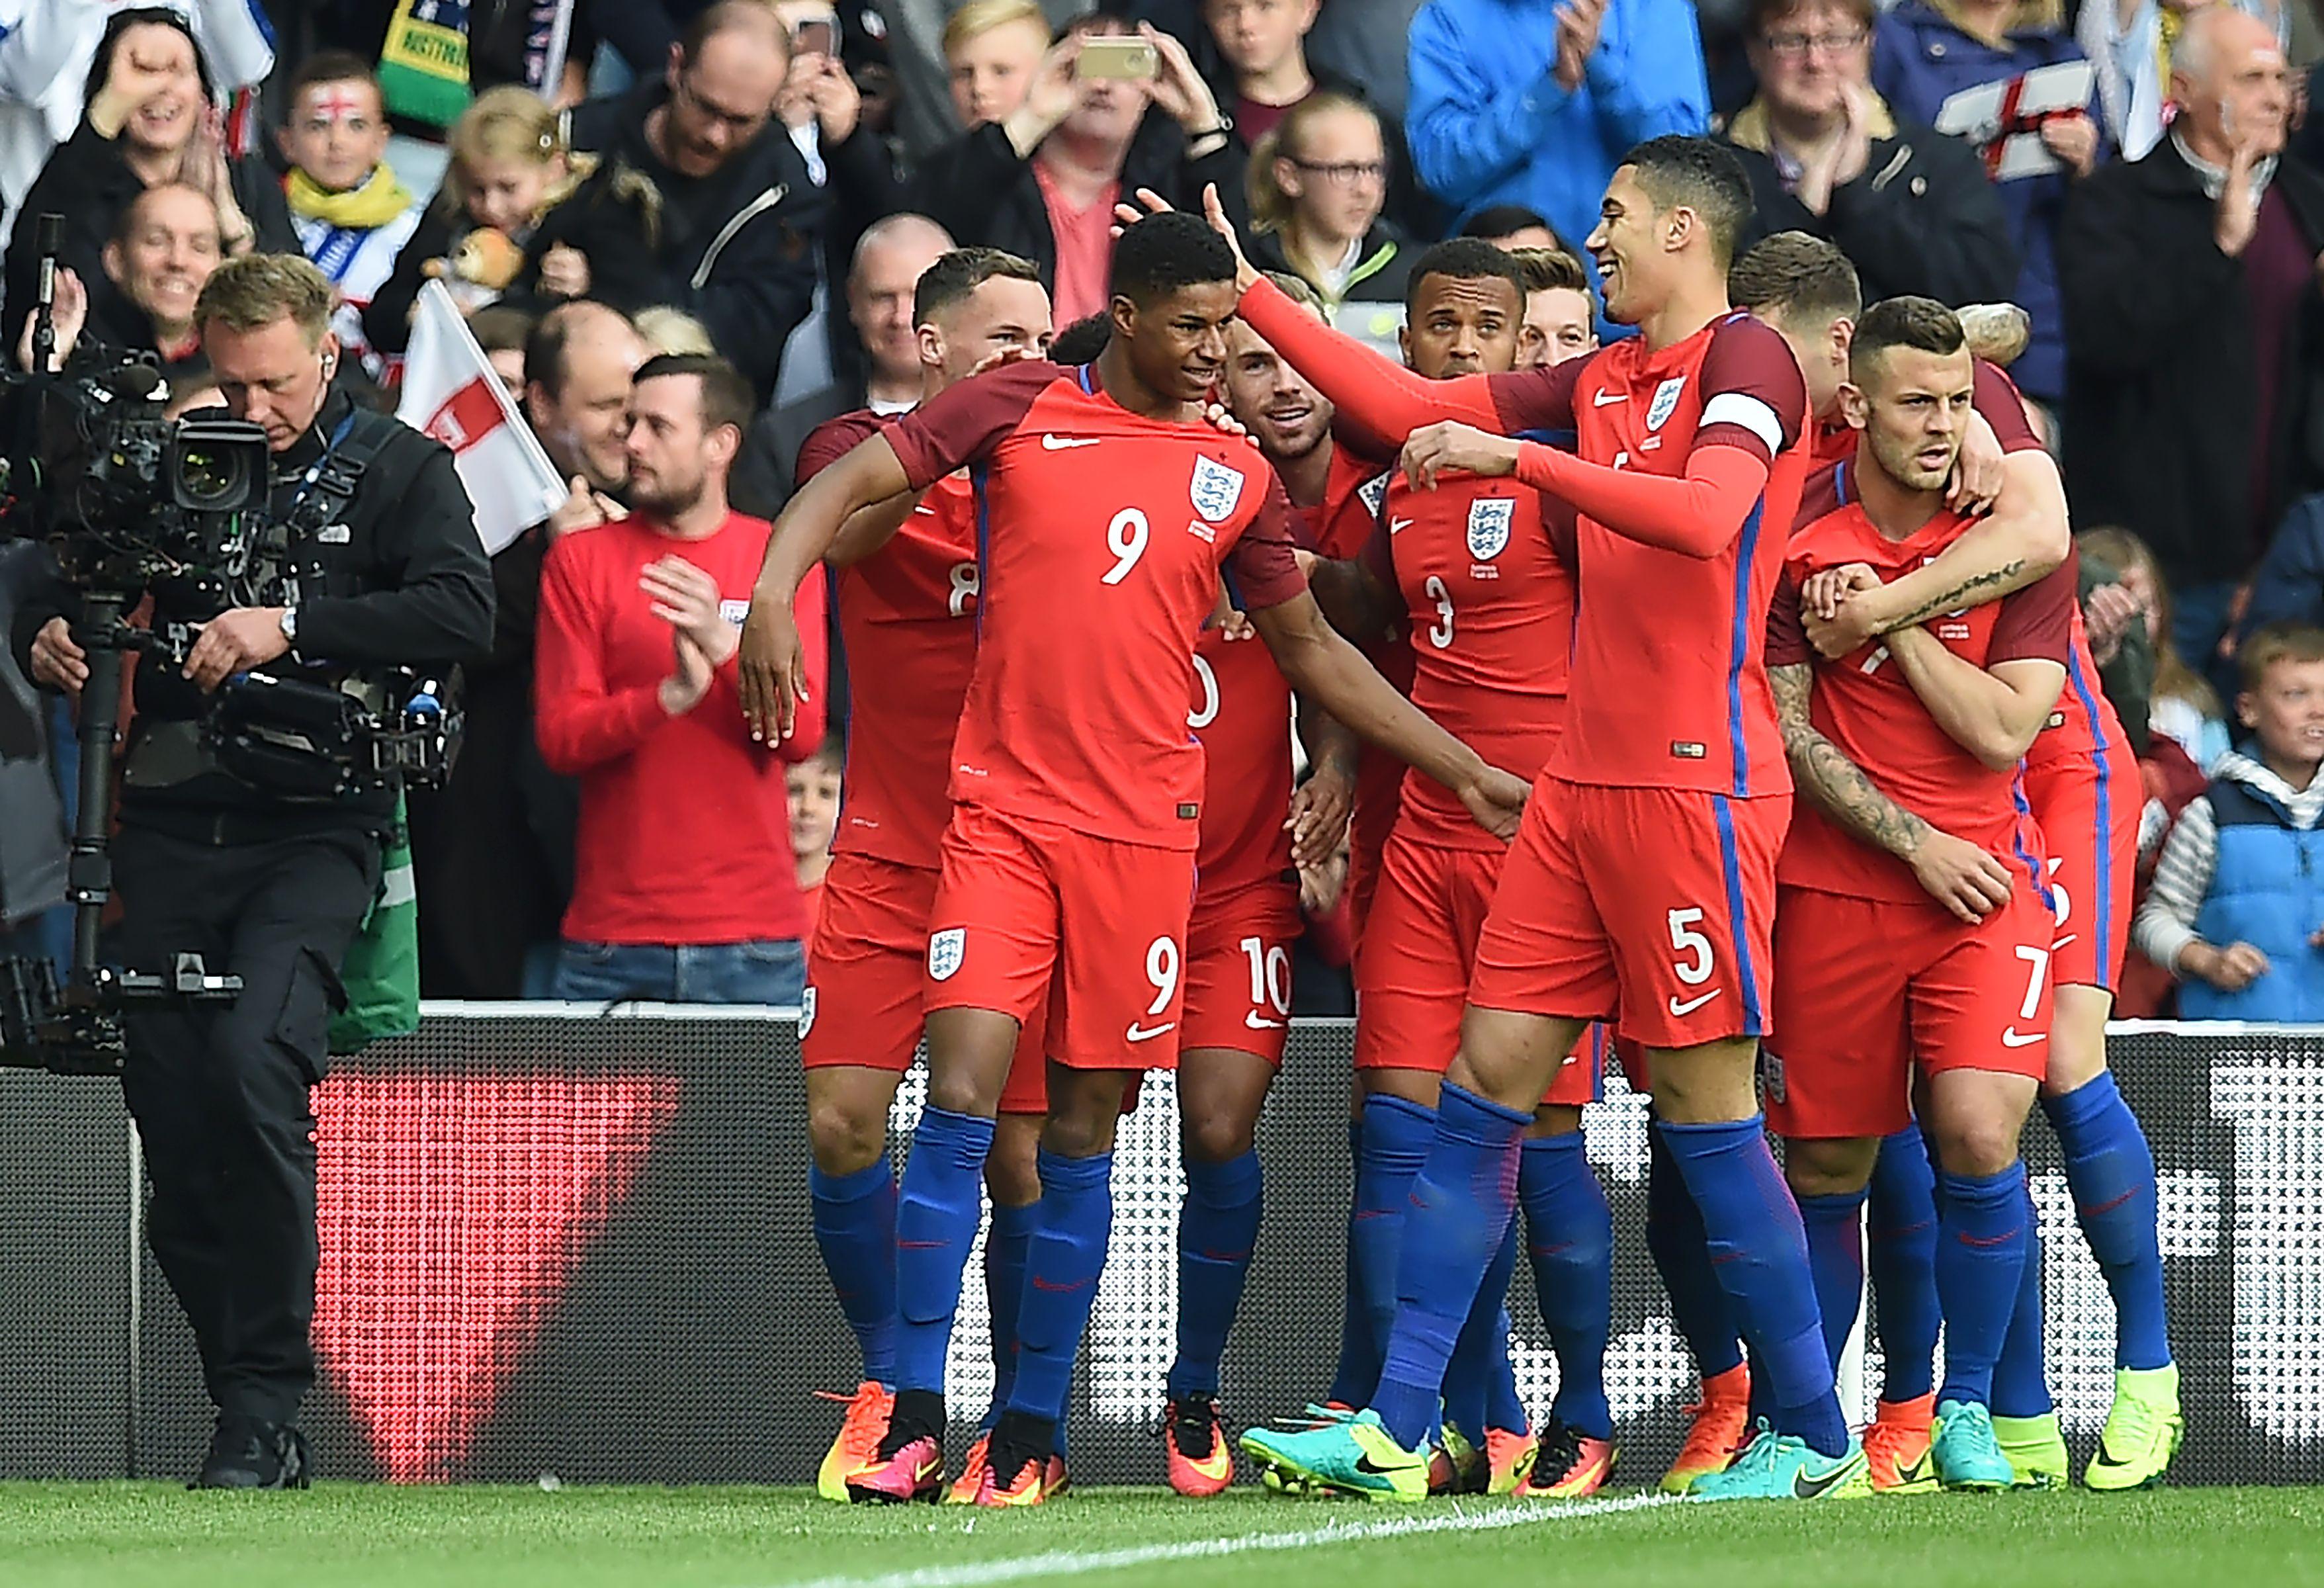 انكلترا تلتقي اسبانيا في نوفمبر على ملعب ويمبلي